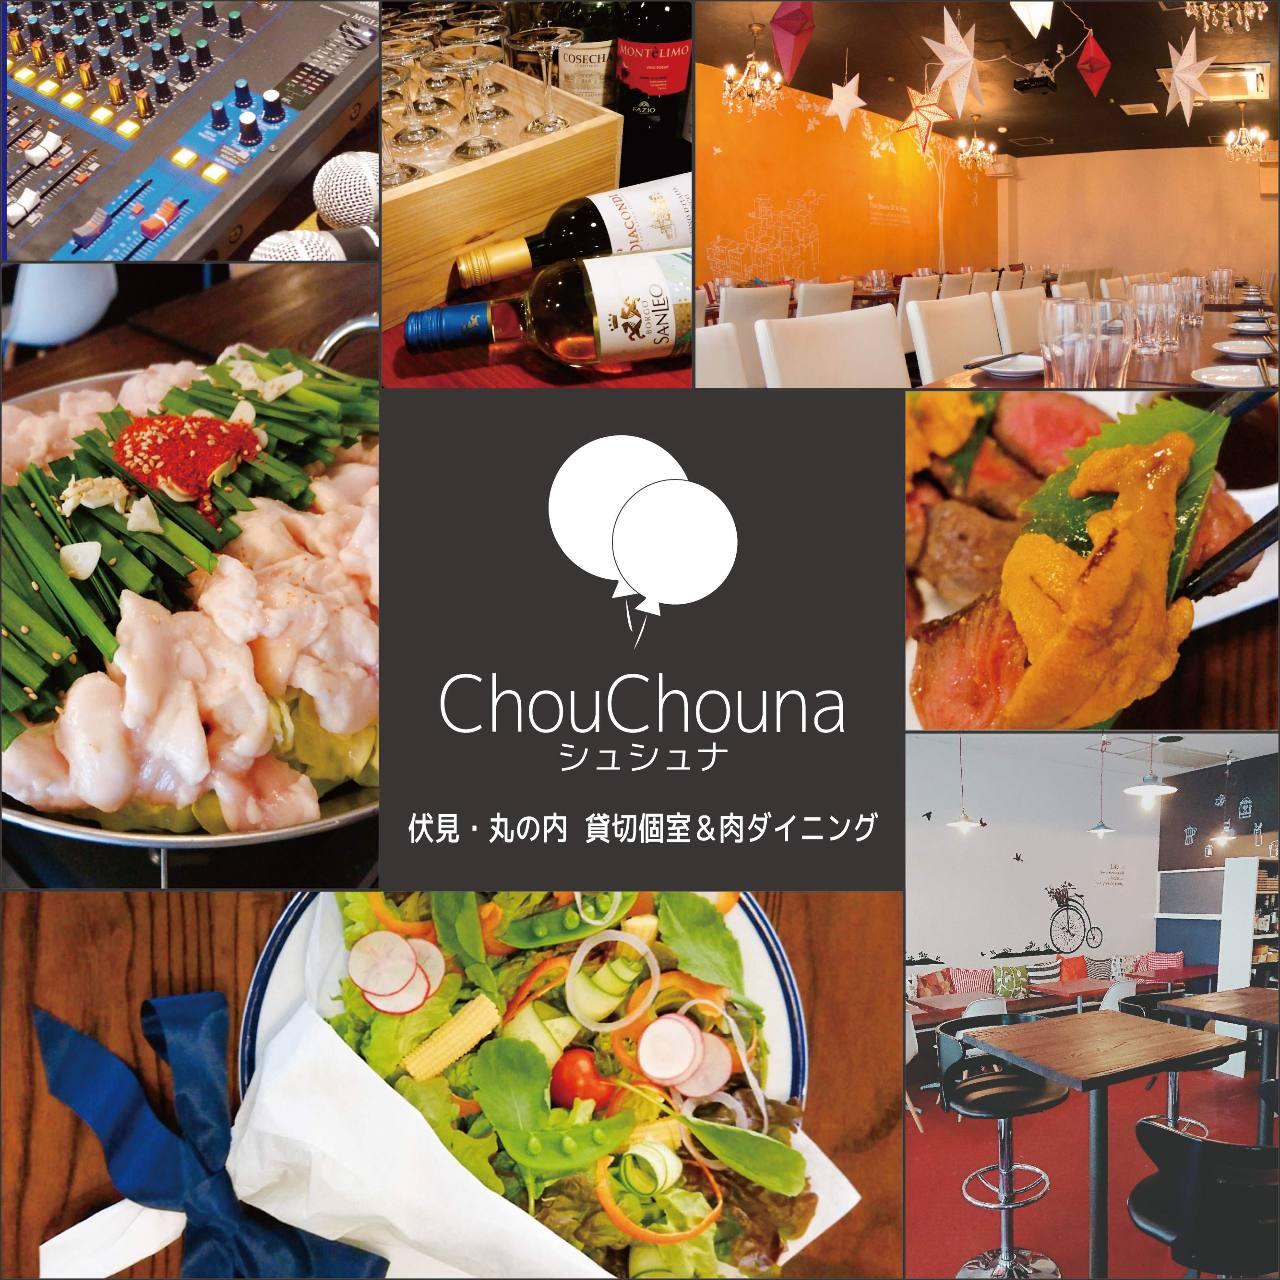 貸切パーティ ChouChouna(シュシュナ)名古屋丸の内店